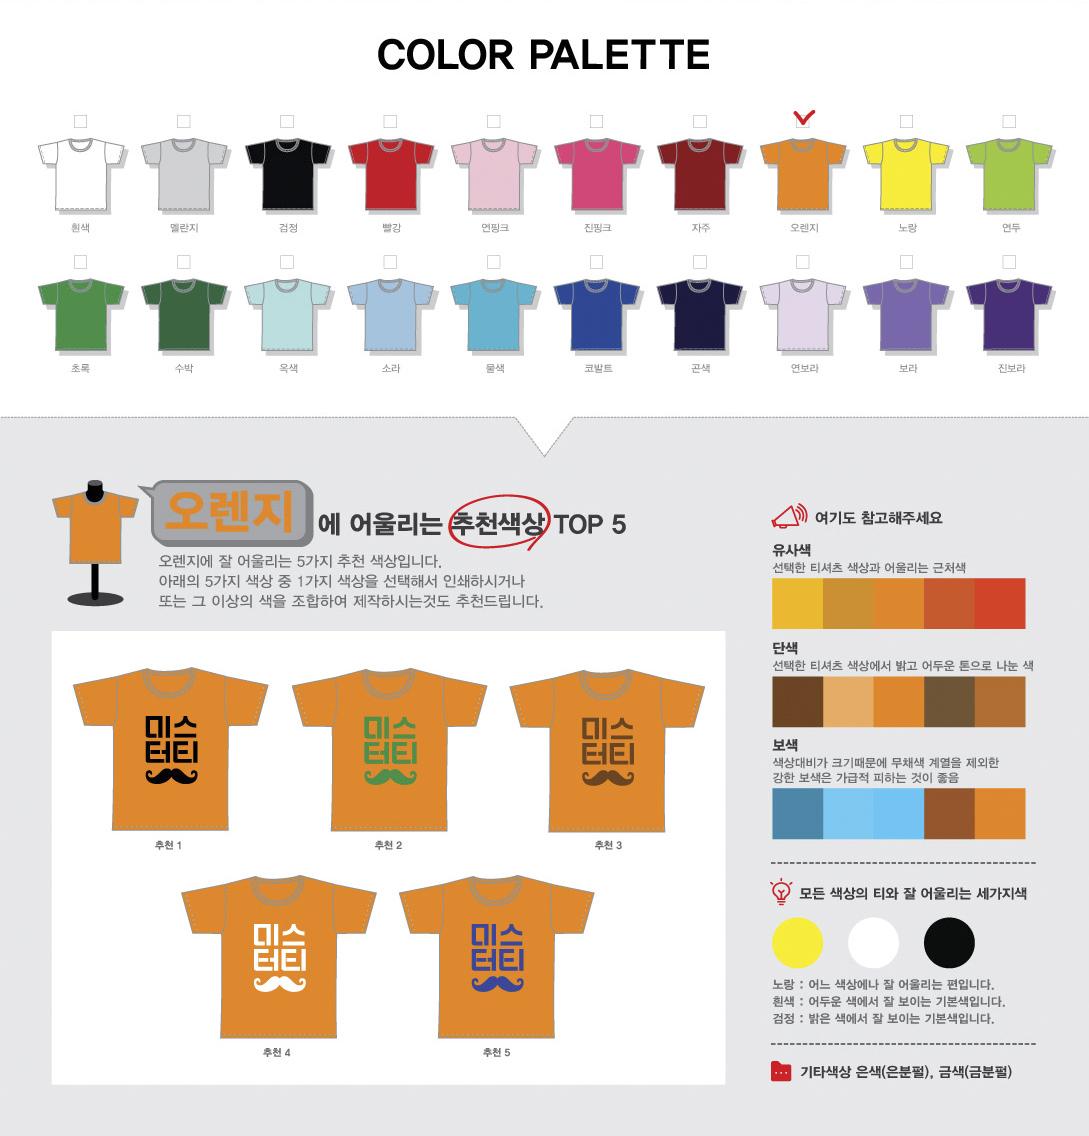 오렌지색 단체티에 어울리는 로고색상,오렌지색단체티 제작색상,오렌지색단체복 로고색상,오렌지색단체티 디자인색상,오렌지색단체티셔츠 로고색상